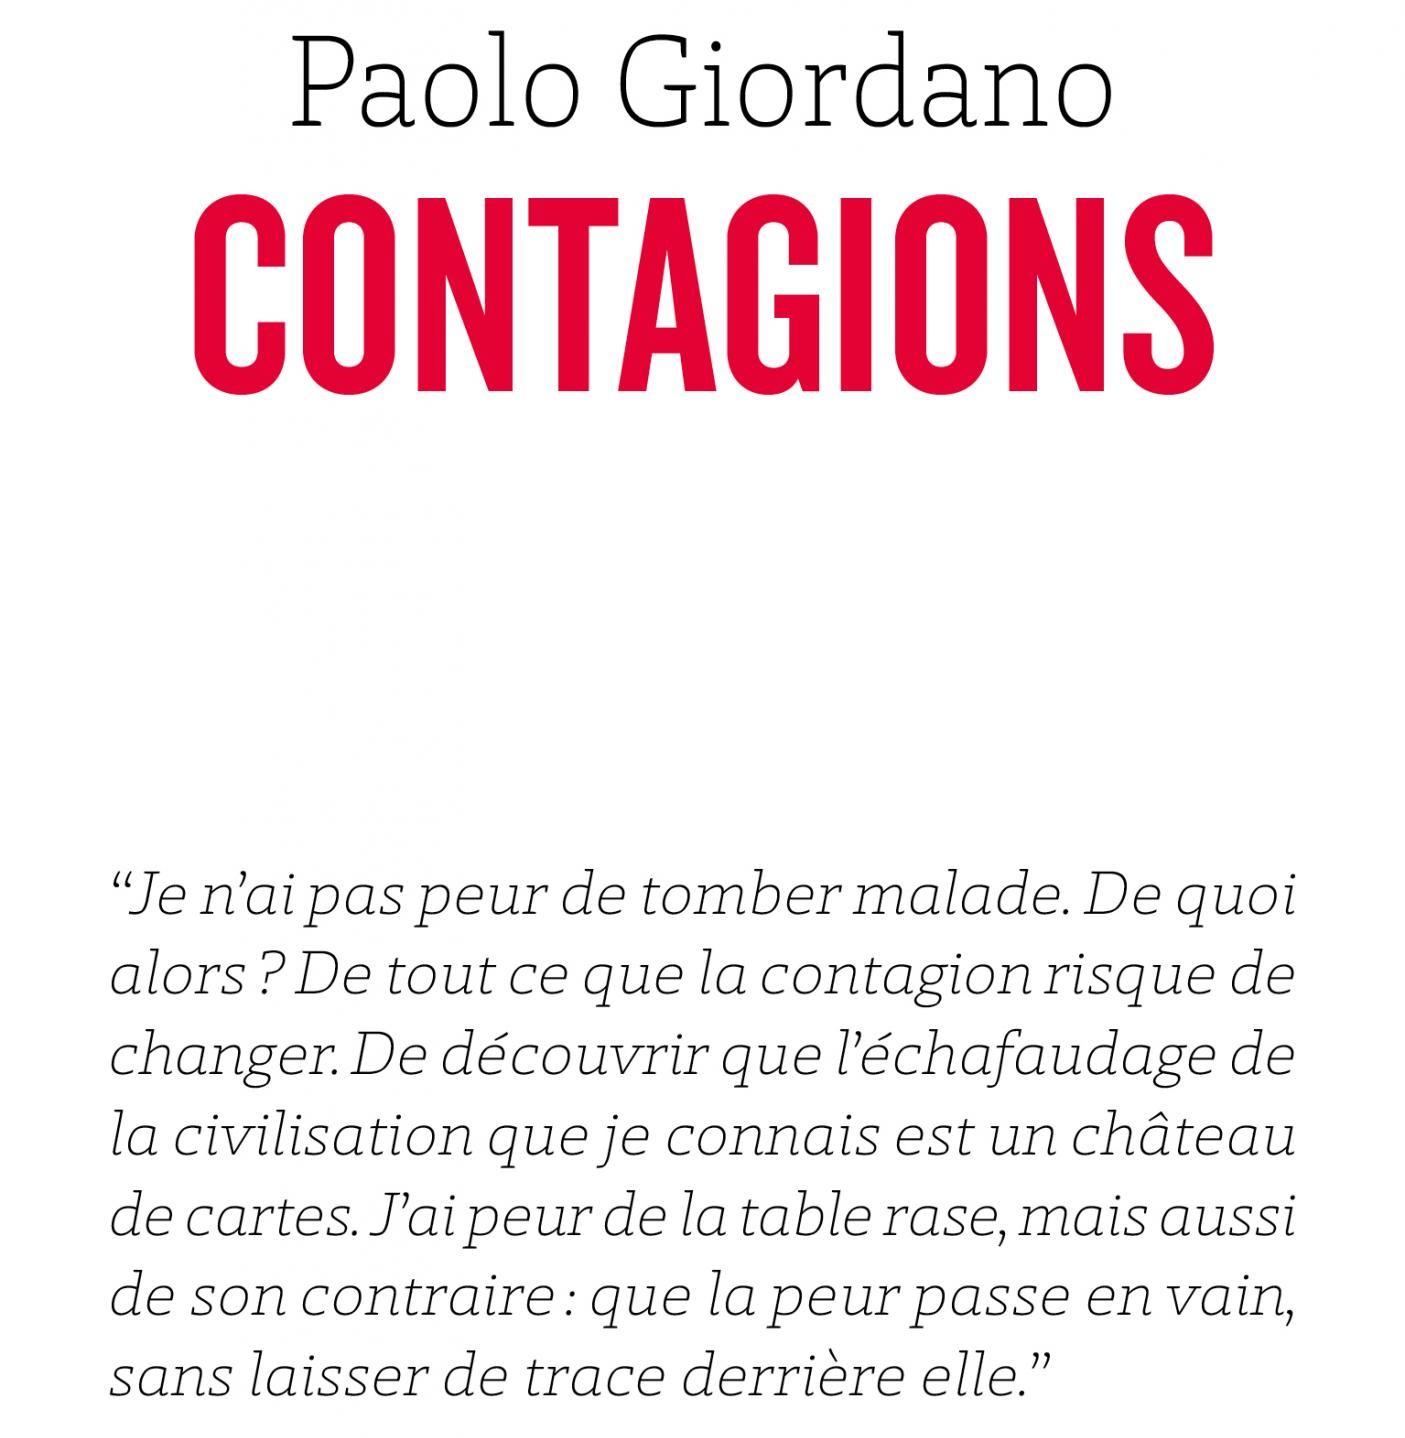 Extrait de la couverture de l'ouvrage Contagions de Paolo Giordano